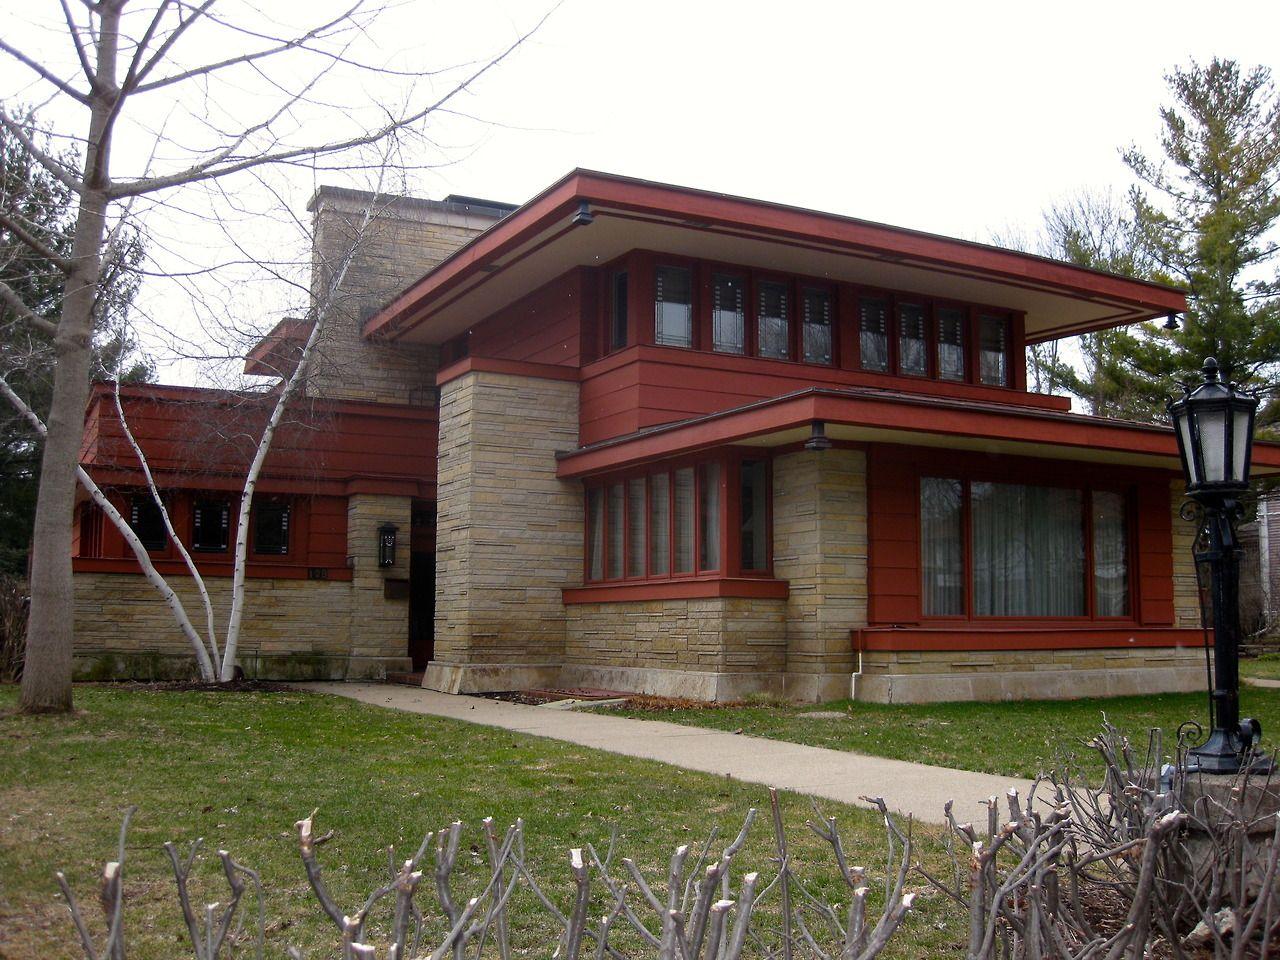 Emil t mueller house 1914 la crosse wisconsin percy